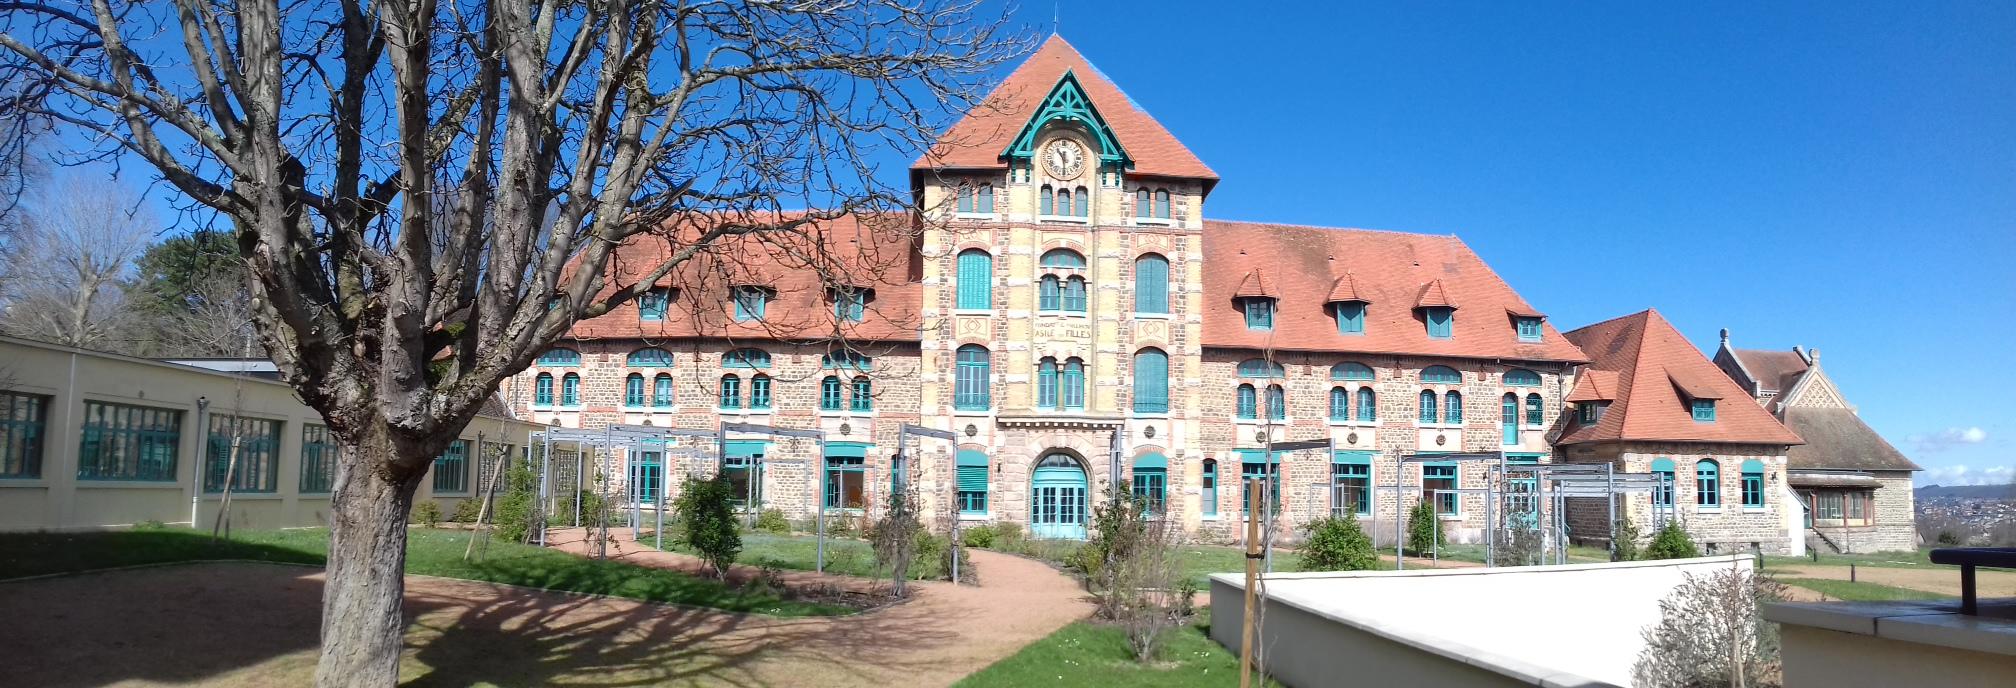 Recrutement: Infirmier F/H chez GROUPE ACPPA à Lavault-Sainte-Anne